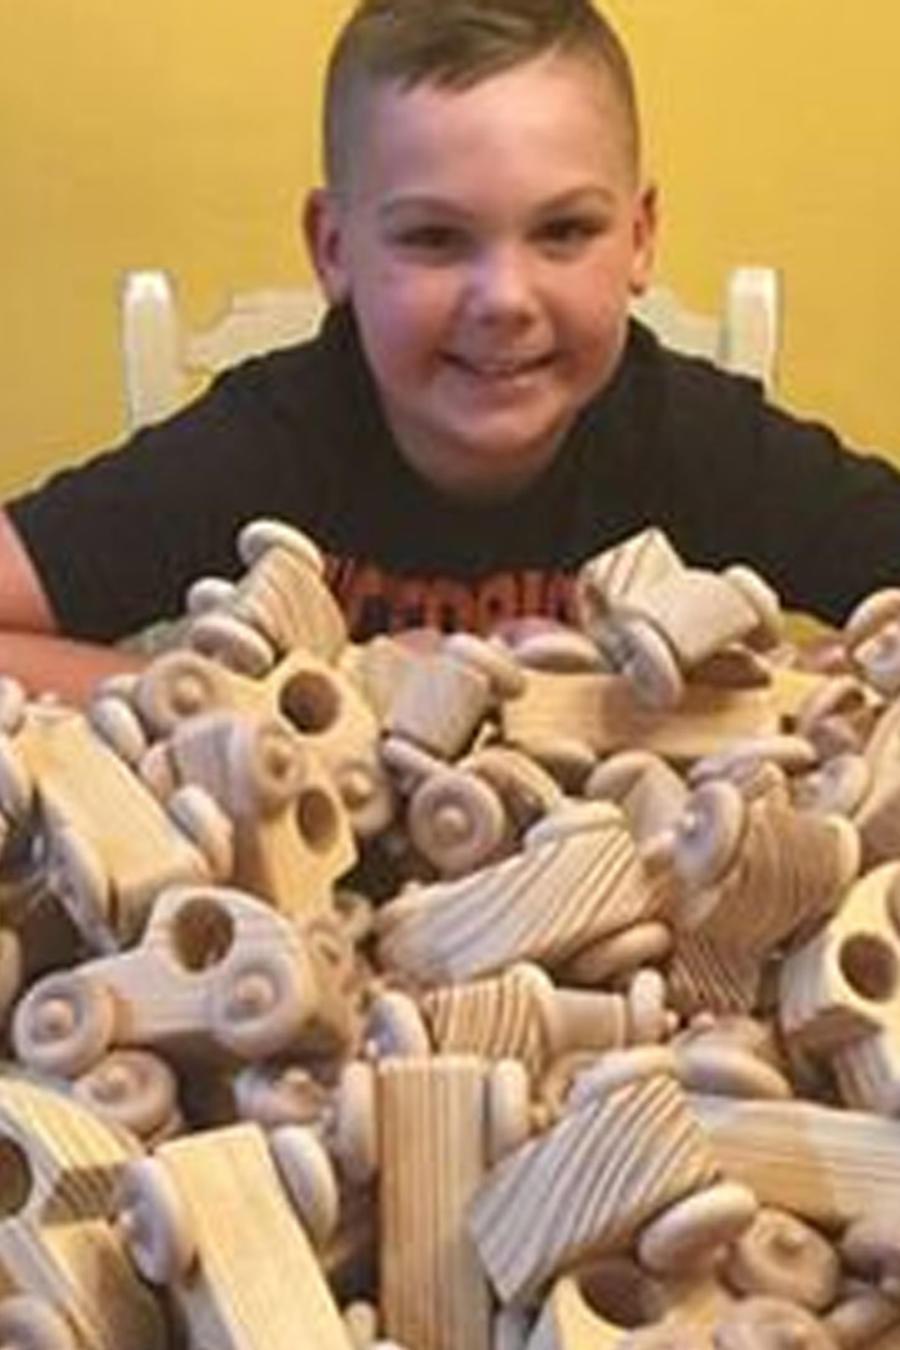 Zander Hite fabricando juguetes